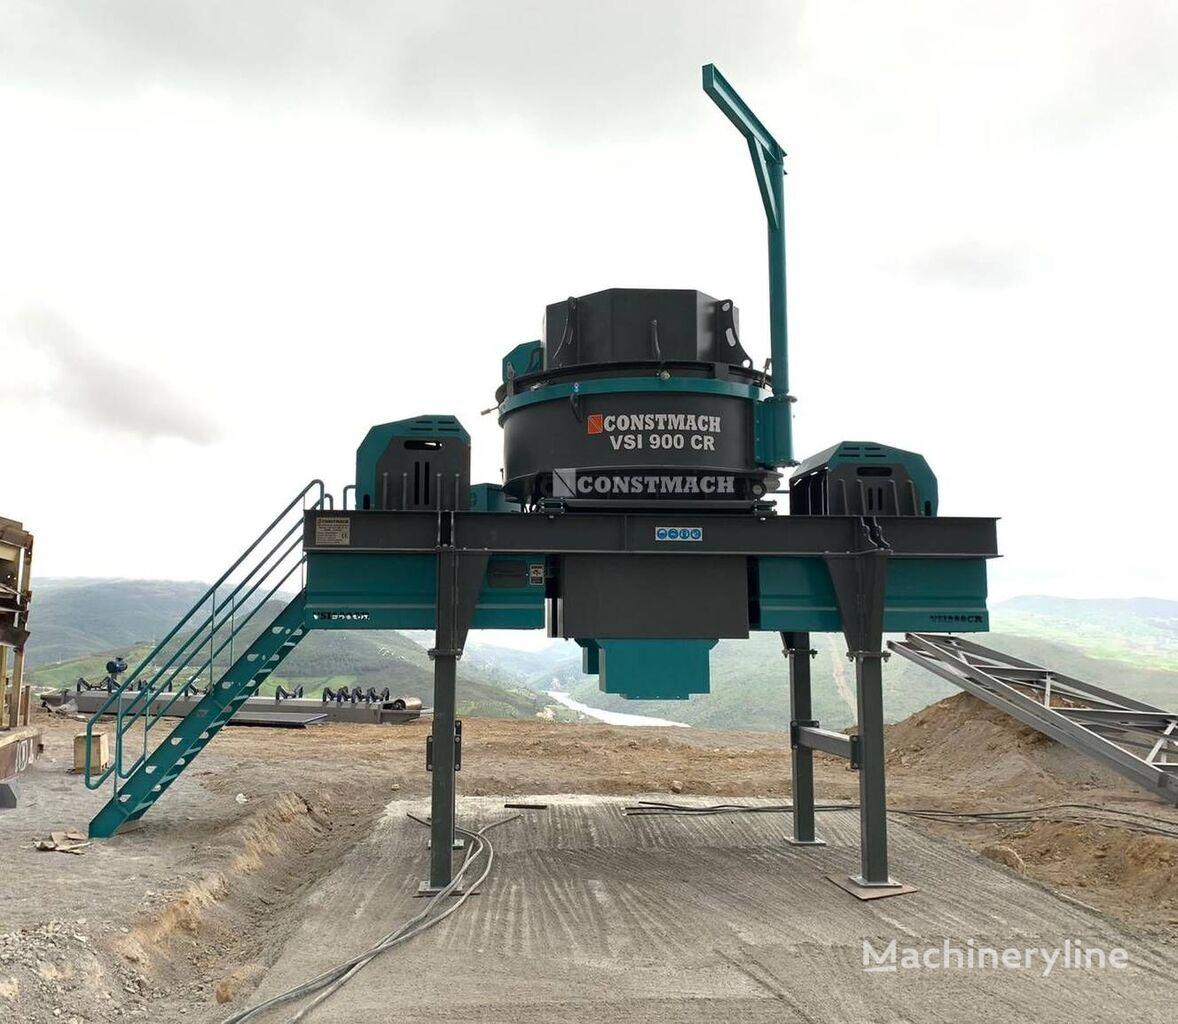 جديدة الكسّارة الصدمية CONSTMACH Vertical Shaft Impact Crusher Sand Maker